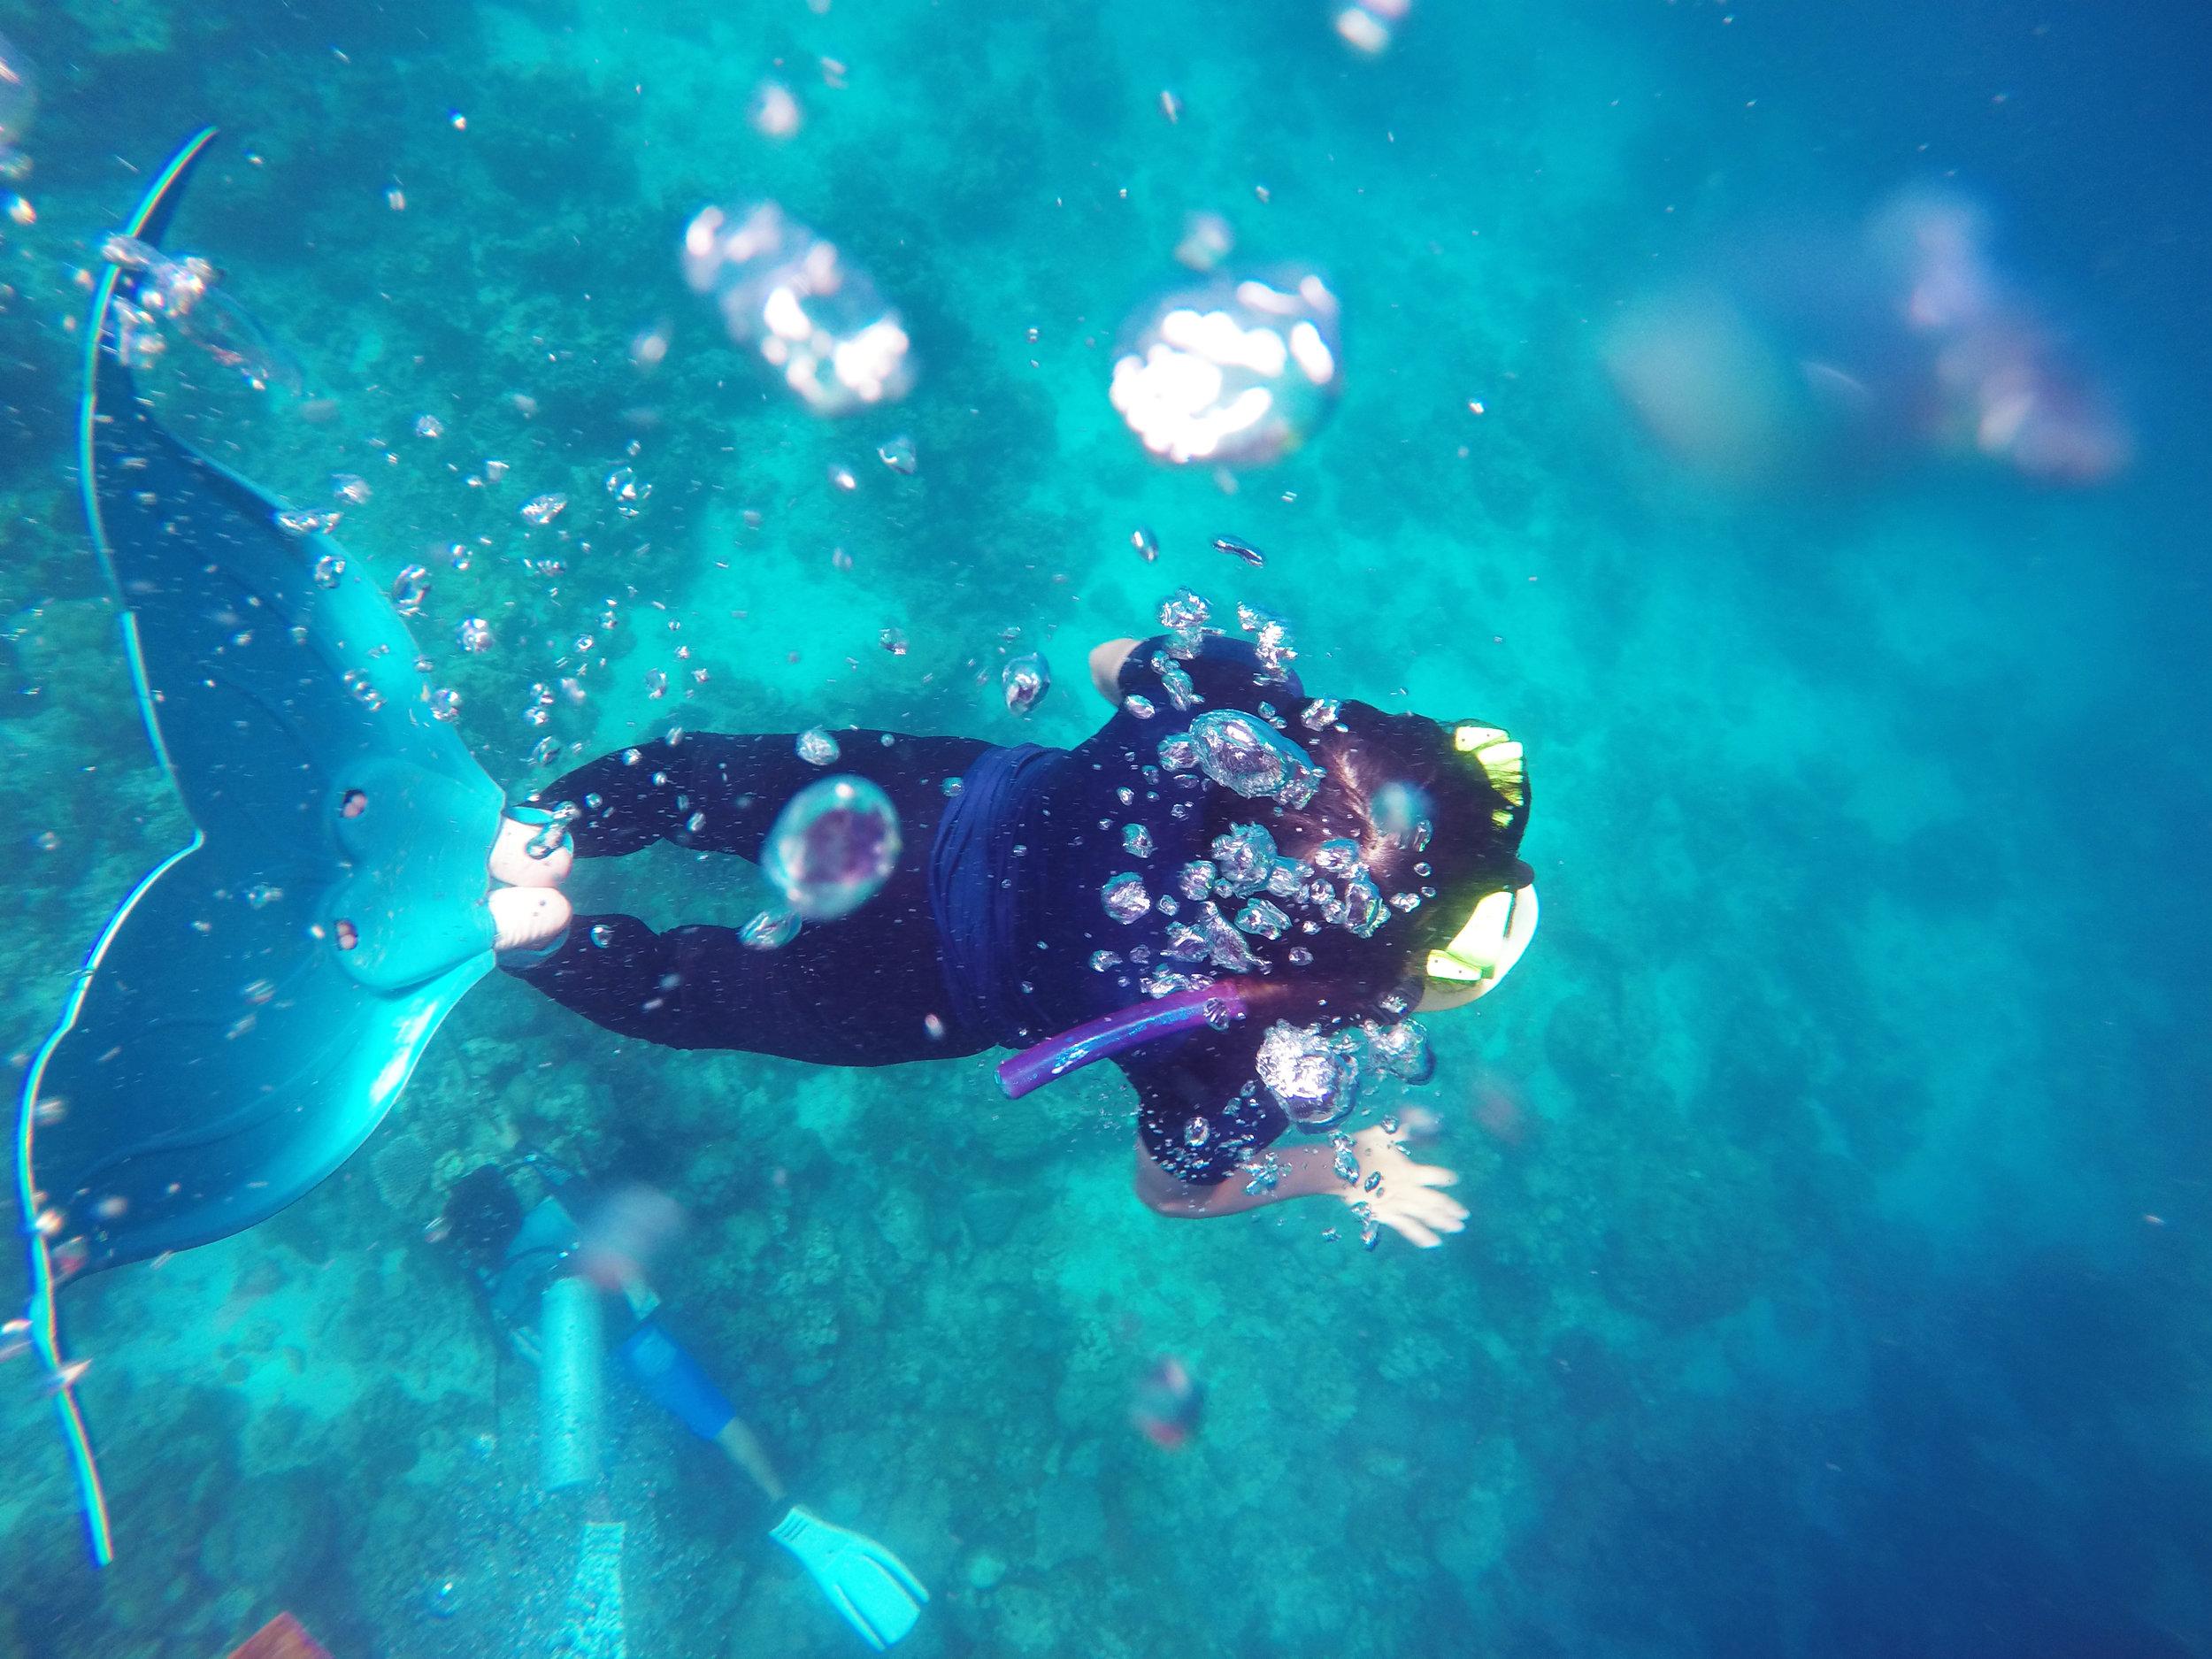 Channeling her inner mermaid, Dayanara Tan, goes for underwater cartwheels as she tries on my mermaid fins. Photo by Bianne Yee.